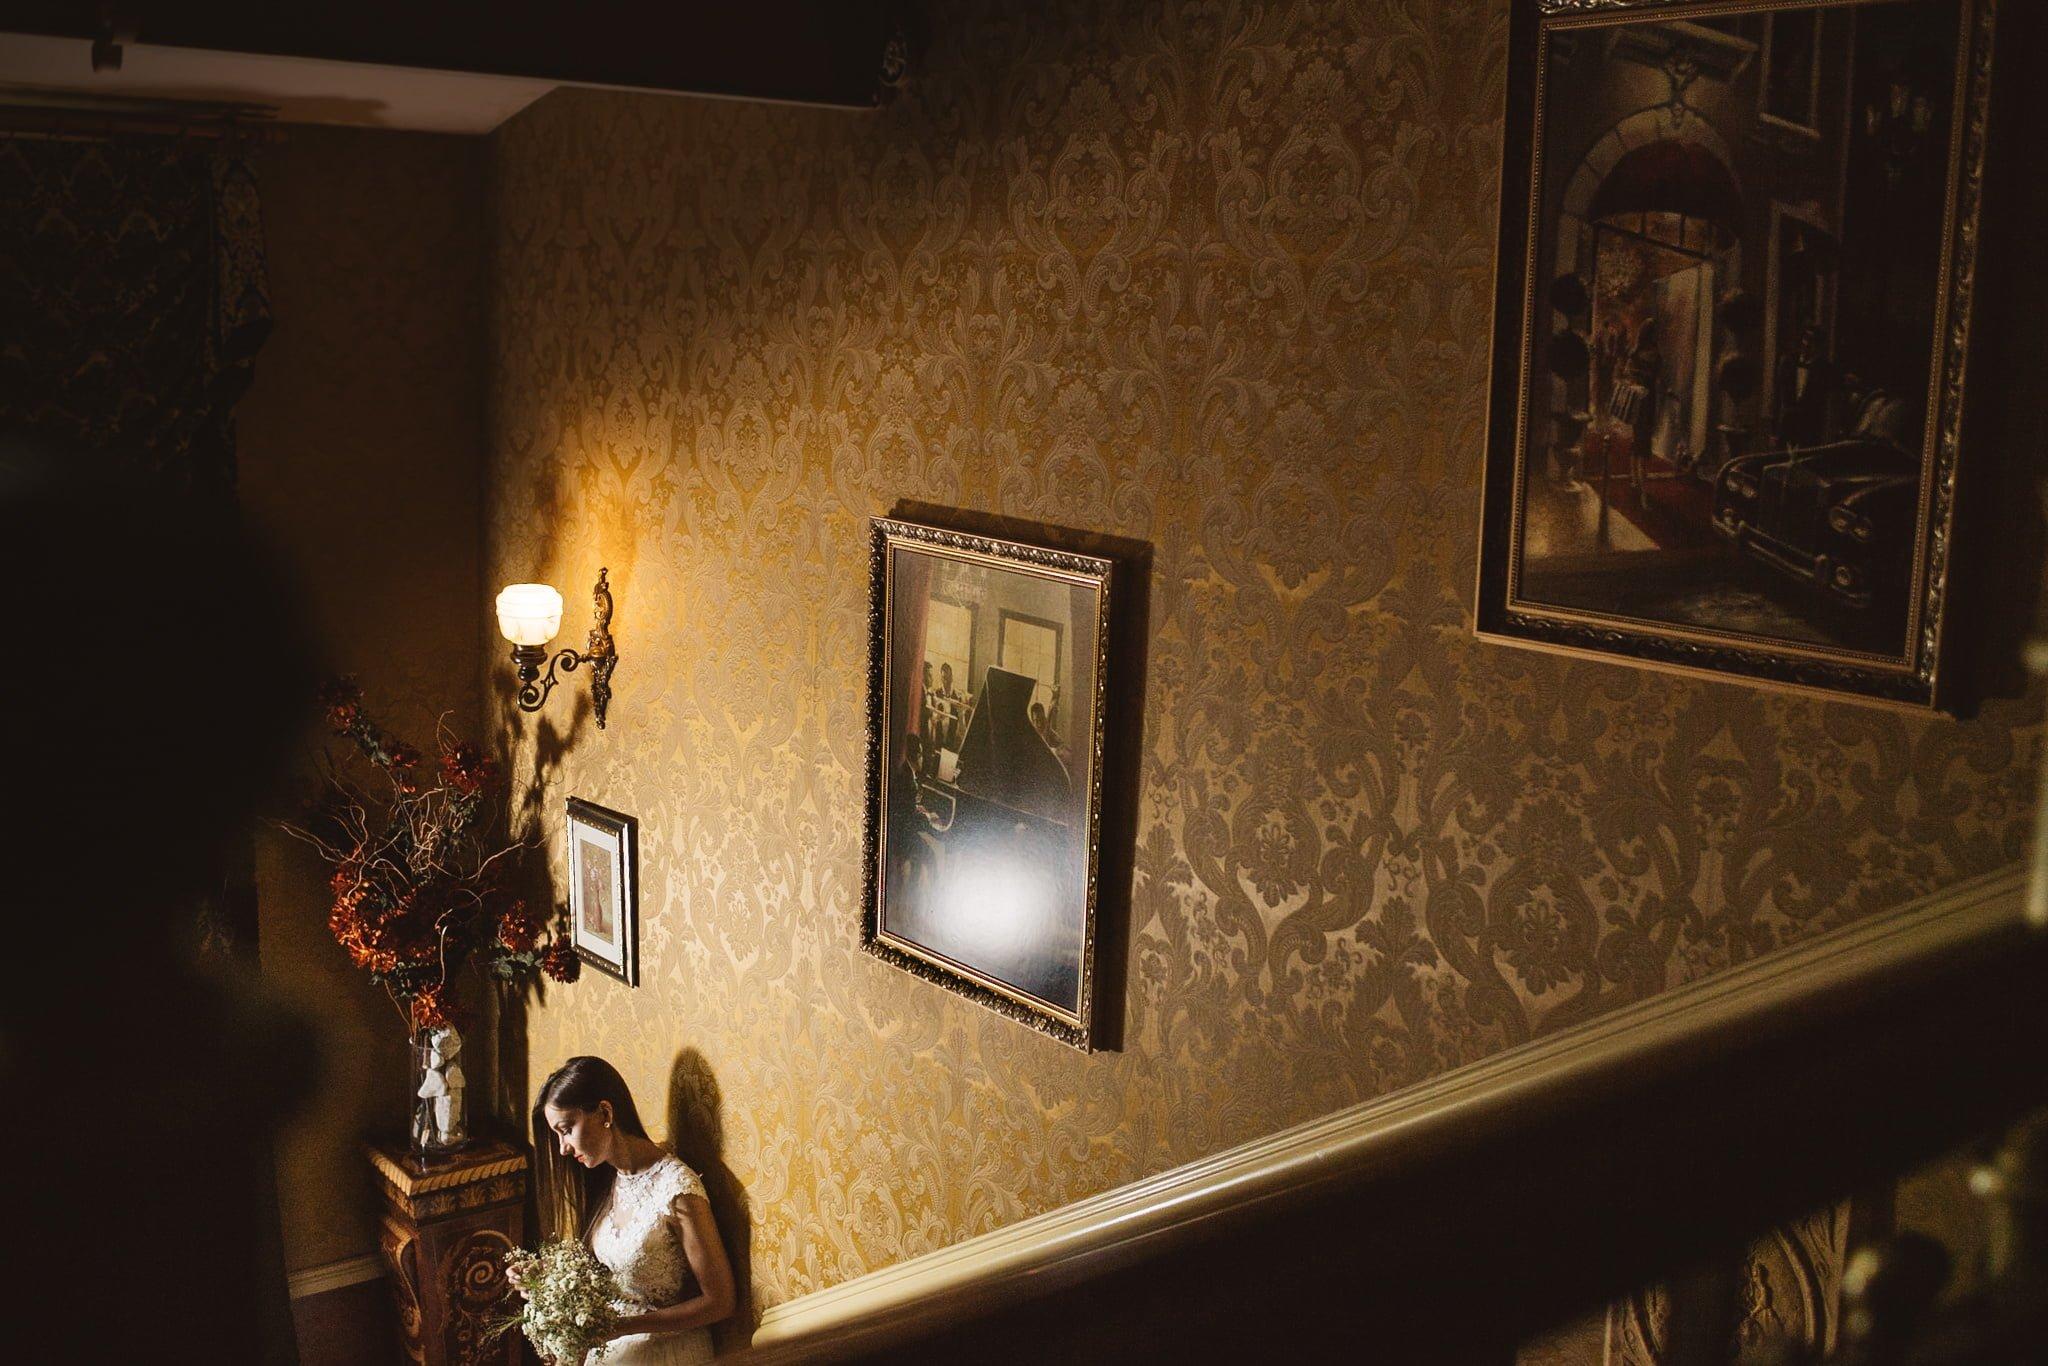 fotograf slubny Koło, fotografia slubna Koło, zdjęcia slubne Koło, najlepszy fotograf Koło, najlepszy fotograf ślubny Koło,fotografia śłubna Kalisz, przepiękne zdjęcia śłubne, sesje narzeczeńskie, Kalisz, zdjęcia slubne Kalisz, fotograf slubny Kaliszfotografia śłubna Ostrów Wielkopolski, przepiękne zdjęcia śłubne, sesje narzeczeńskie, Ostrów Wielkoposki, zdjęcia slubne Ostrów Wlkp, fotograf Kramsk, fotograf Sompolno, fotograf Turek, fotograf ślubny Turek, fotograf slubny Poznań, fotografia slubna Poznań, zdjęcia slubne Poznań, najlepszy fotograf Poznań, najlepszy fotograf ślubny Poznań, sesja narzeczeńska, piękne zdjęcia, kreatywna fotografia, zbiornik jeziorsko, fotograf slubny Koło, fotografia slubna Koło, zdjęcia slubne Koło, najlepszy fotograf Koło, najlepszy fotograf ślubny Koło,romantyczna sesja narzeczeńska, piękne zdjęcia, kreatywna fotografia,